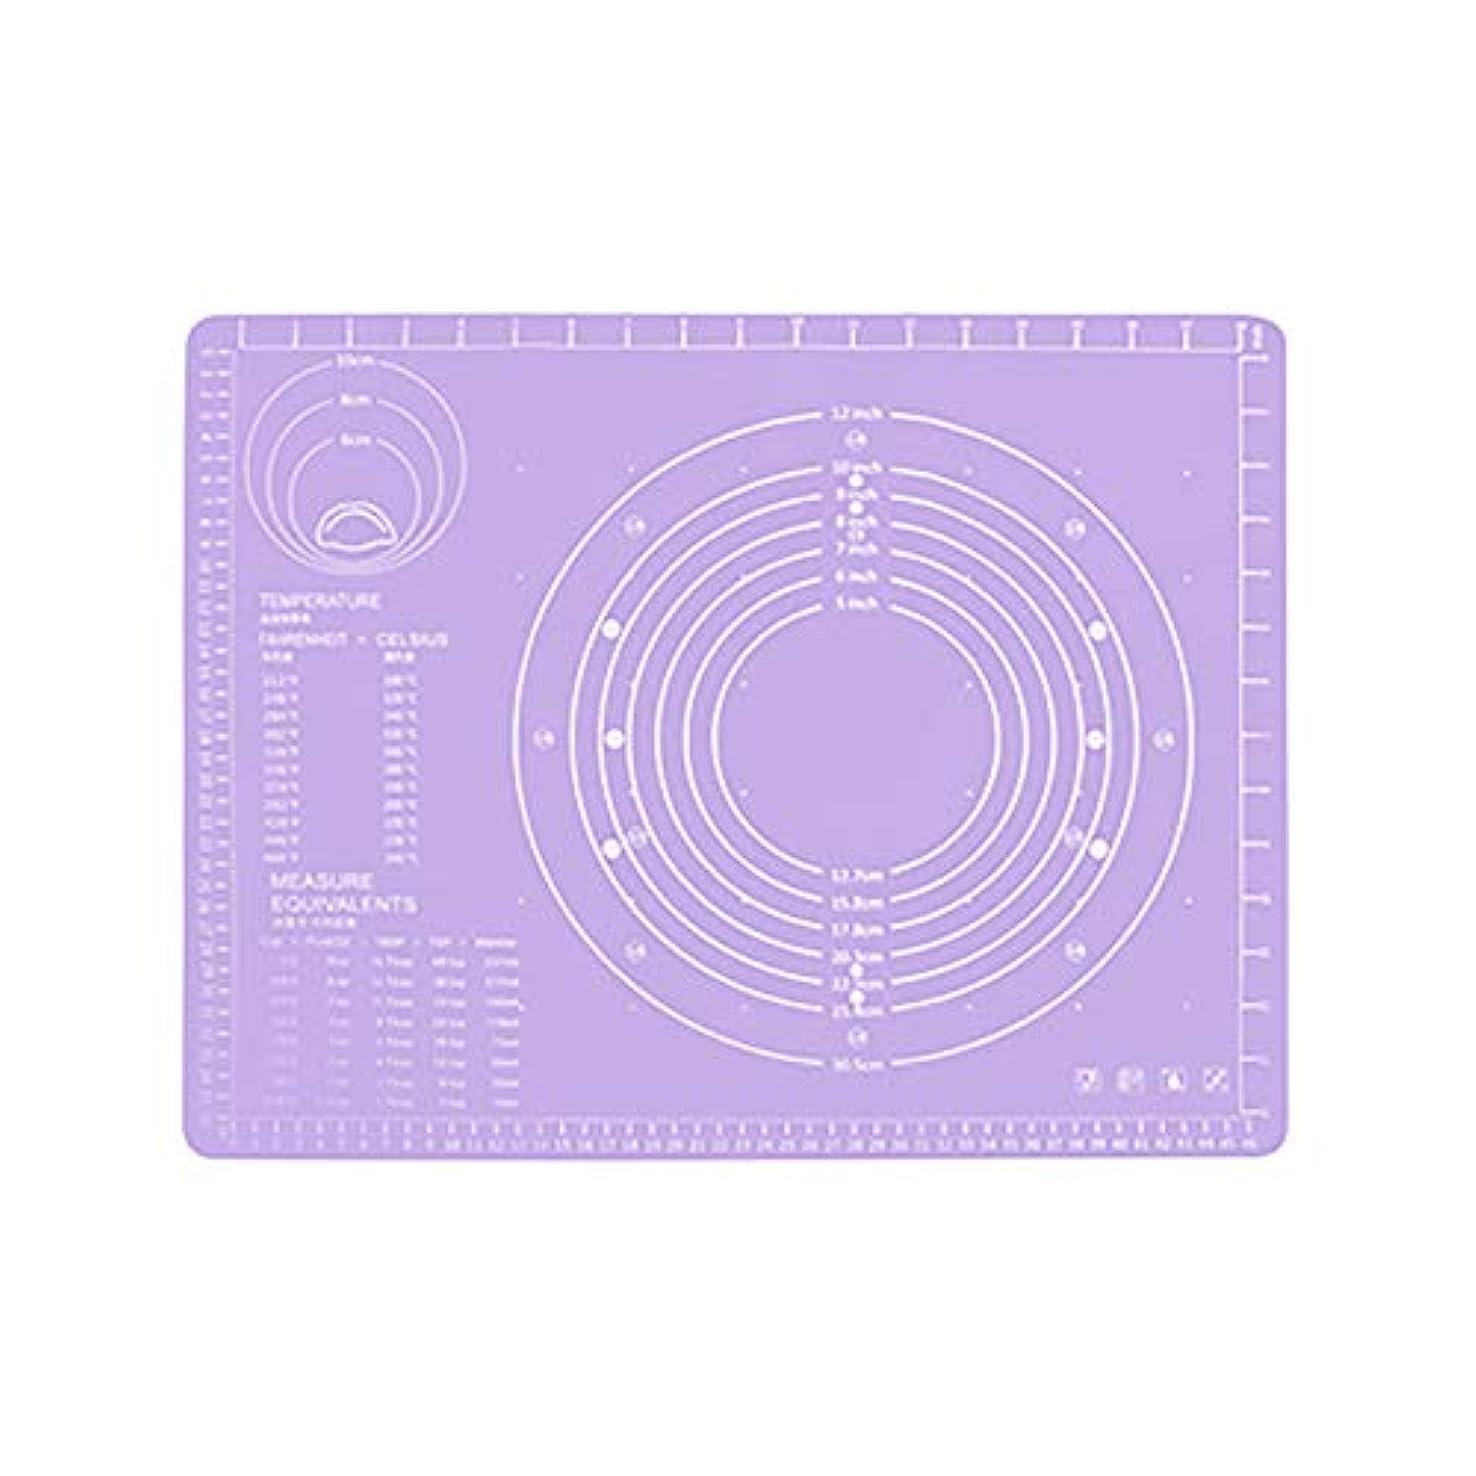 ウルル正しく産地Refaxi シリコーン生地ローリング混練パッド高温ケーキペストリーベーキングパッド(紫)